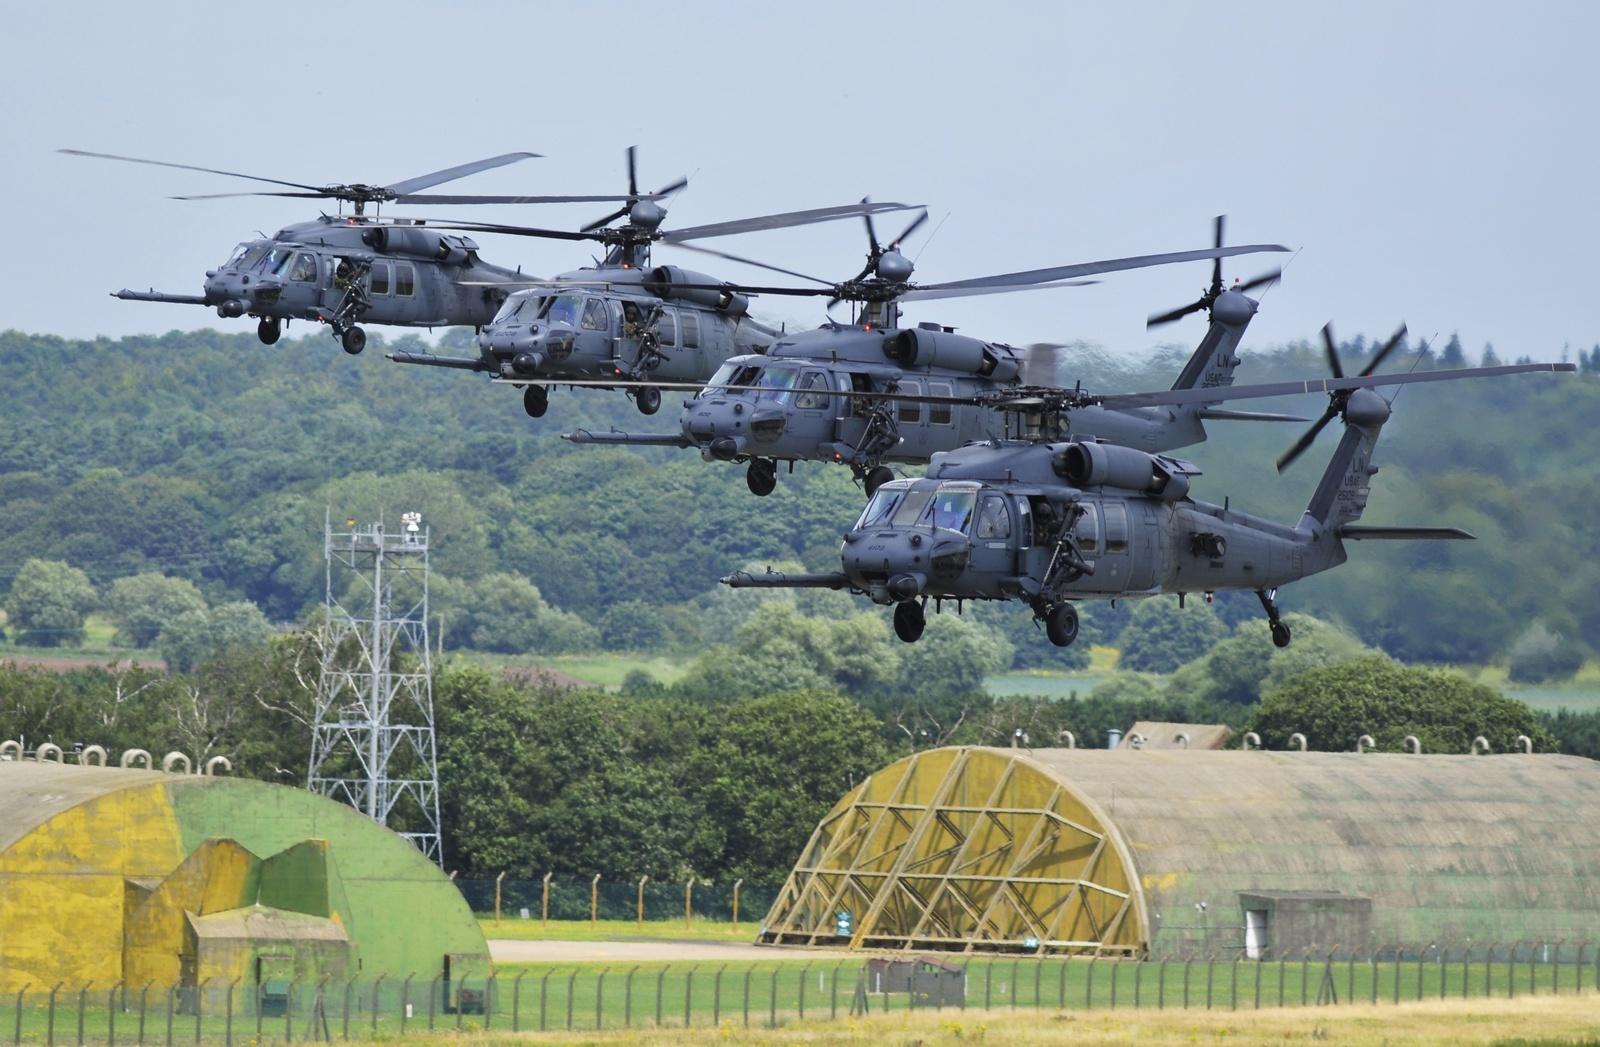 영국에서 추락한 미 공군의 HH-60G 구조헬기